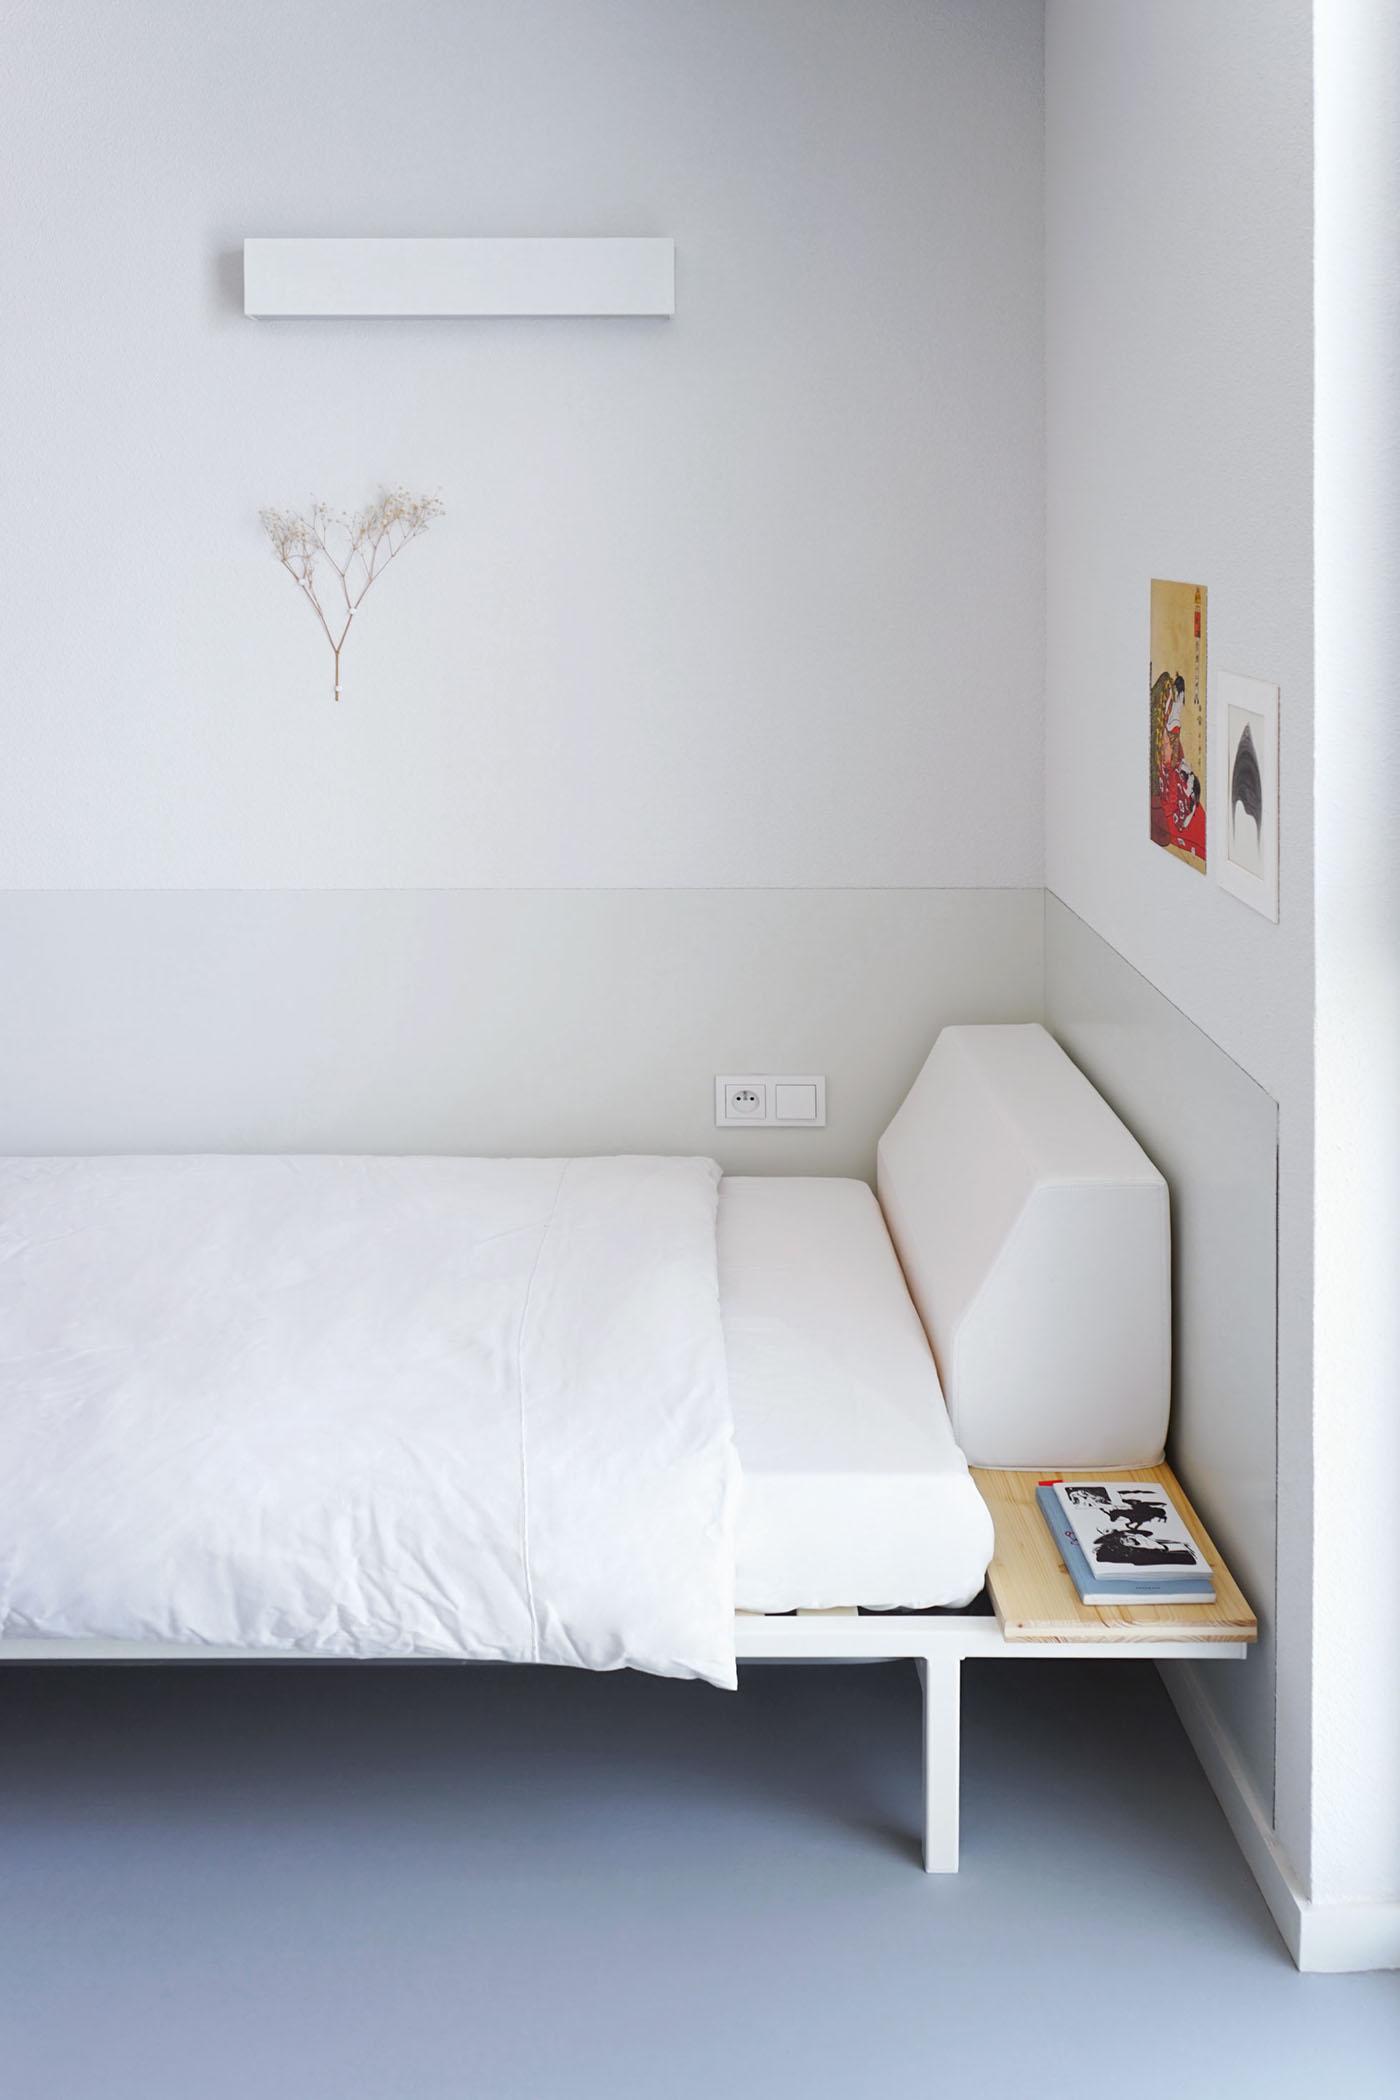 Design D Espace Toulouse ponsan-bellevue on behance